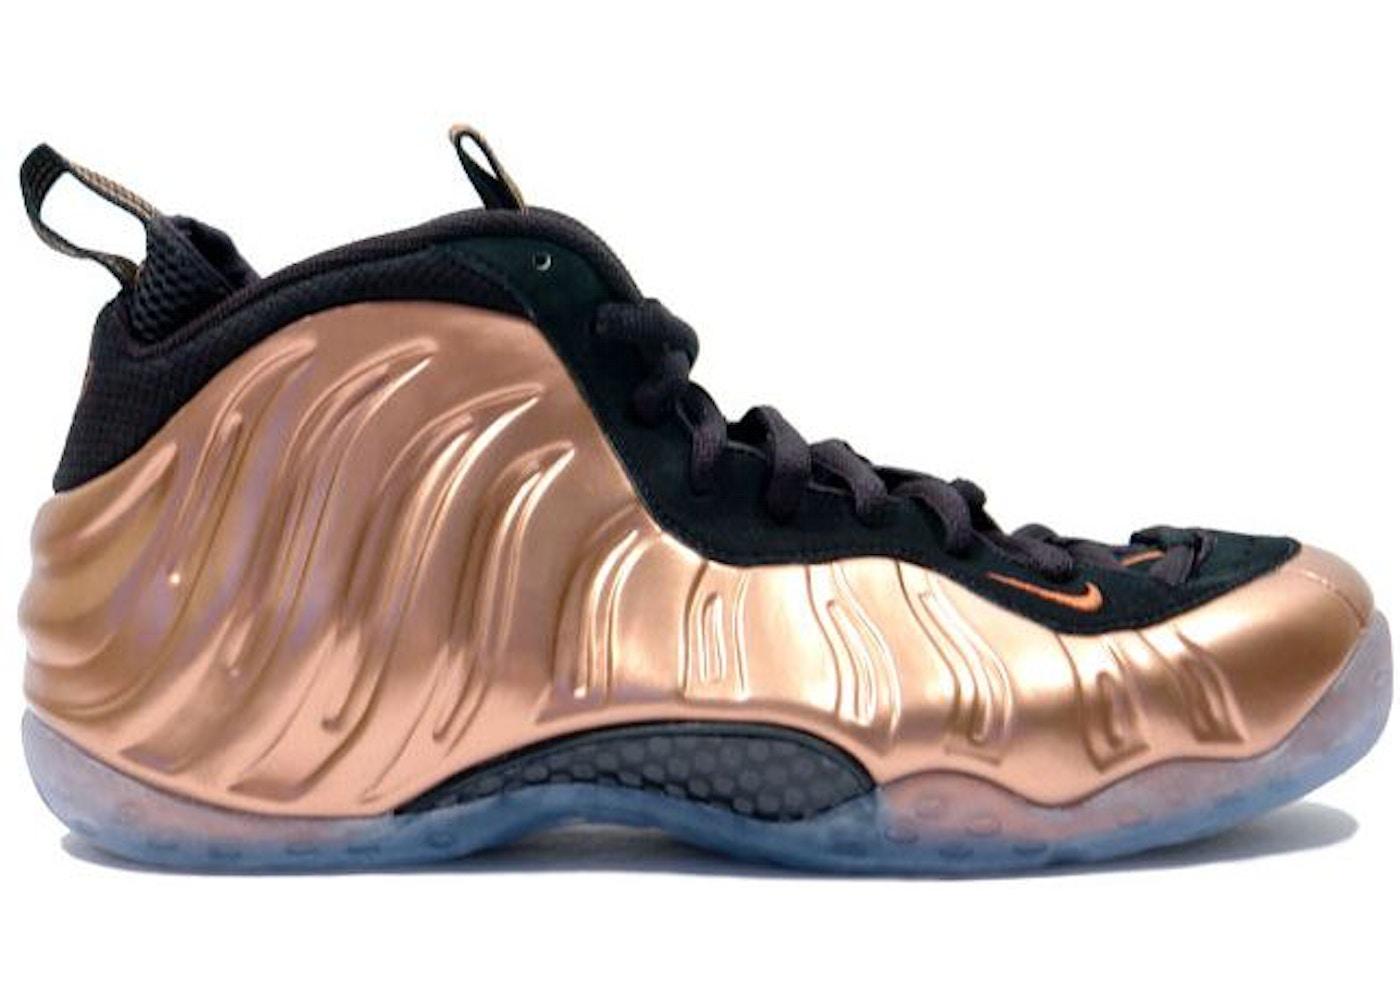 separation shoes 42b3e c23df Air Foamposite One Copper